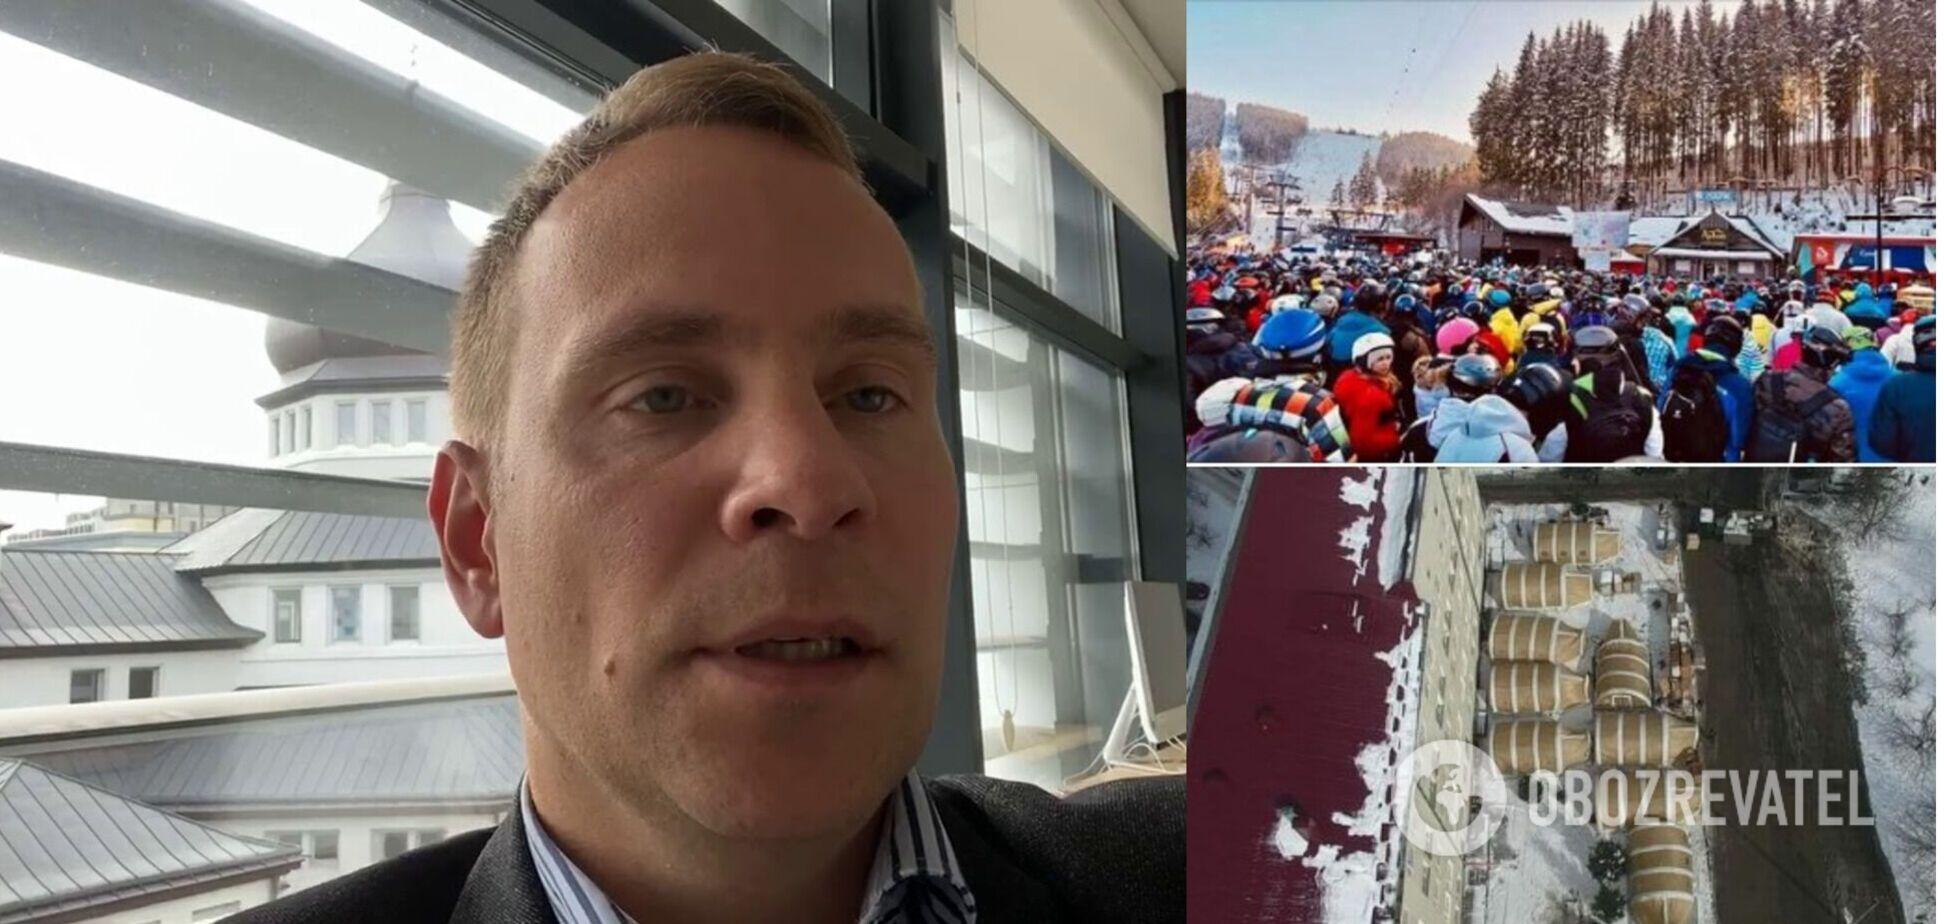 Жиравецкий опубликовал показательное фото с Буковели